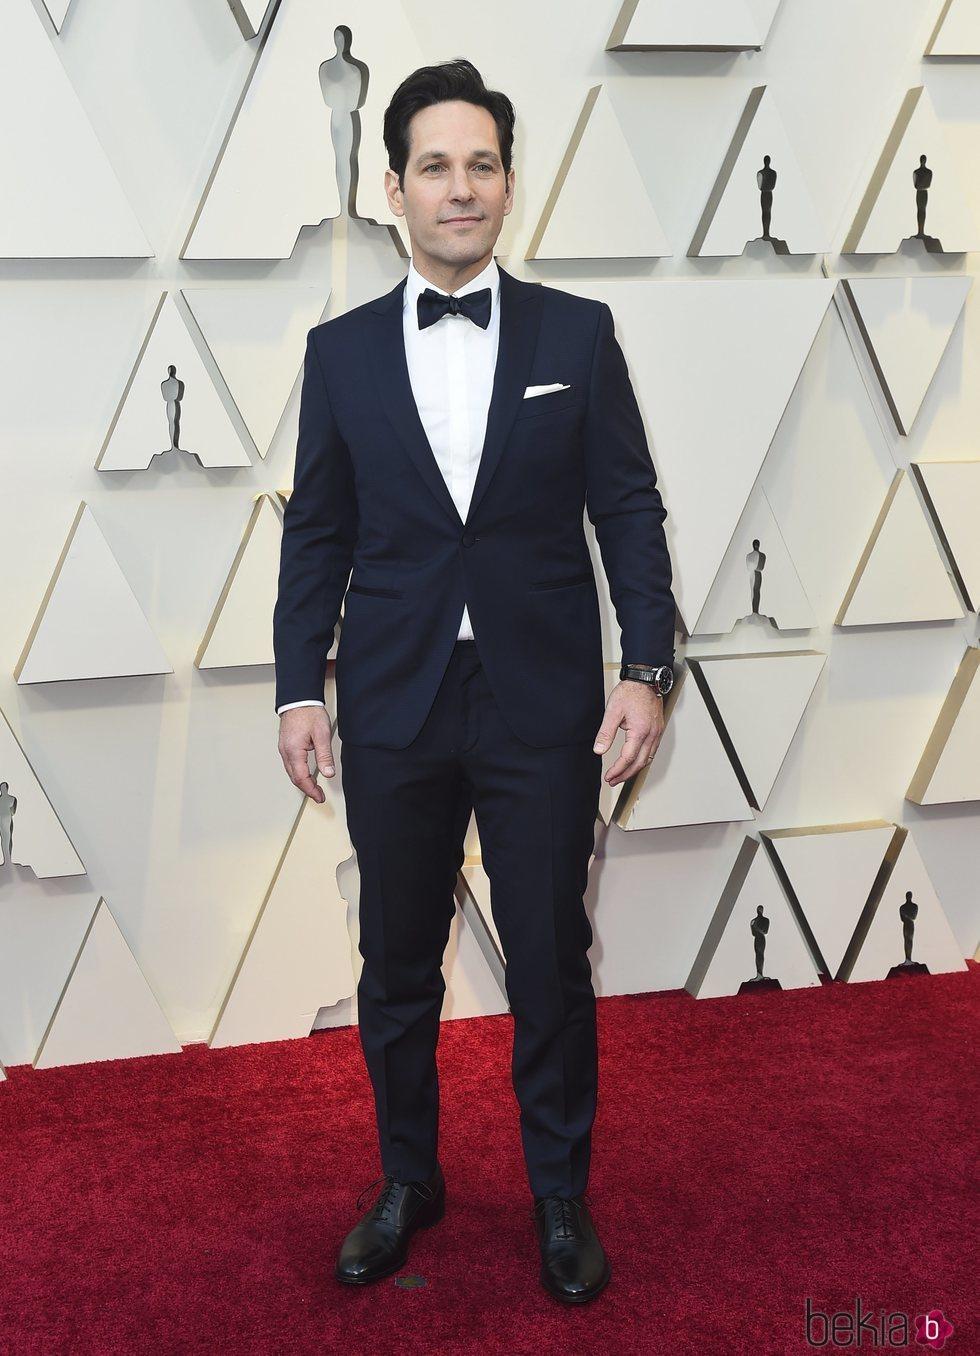 140189 paul rudd alfombra roja premios oscar 2019 - Nuestros favoritos y no tan favoritos de la red carpet en los Oscar 2019